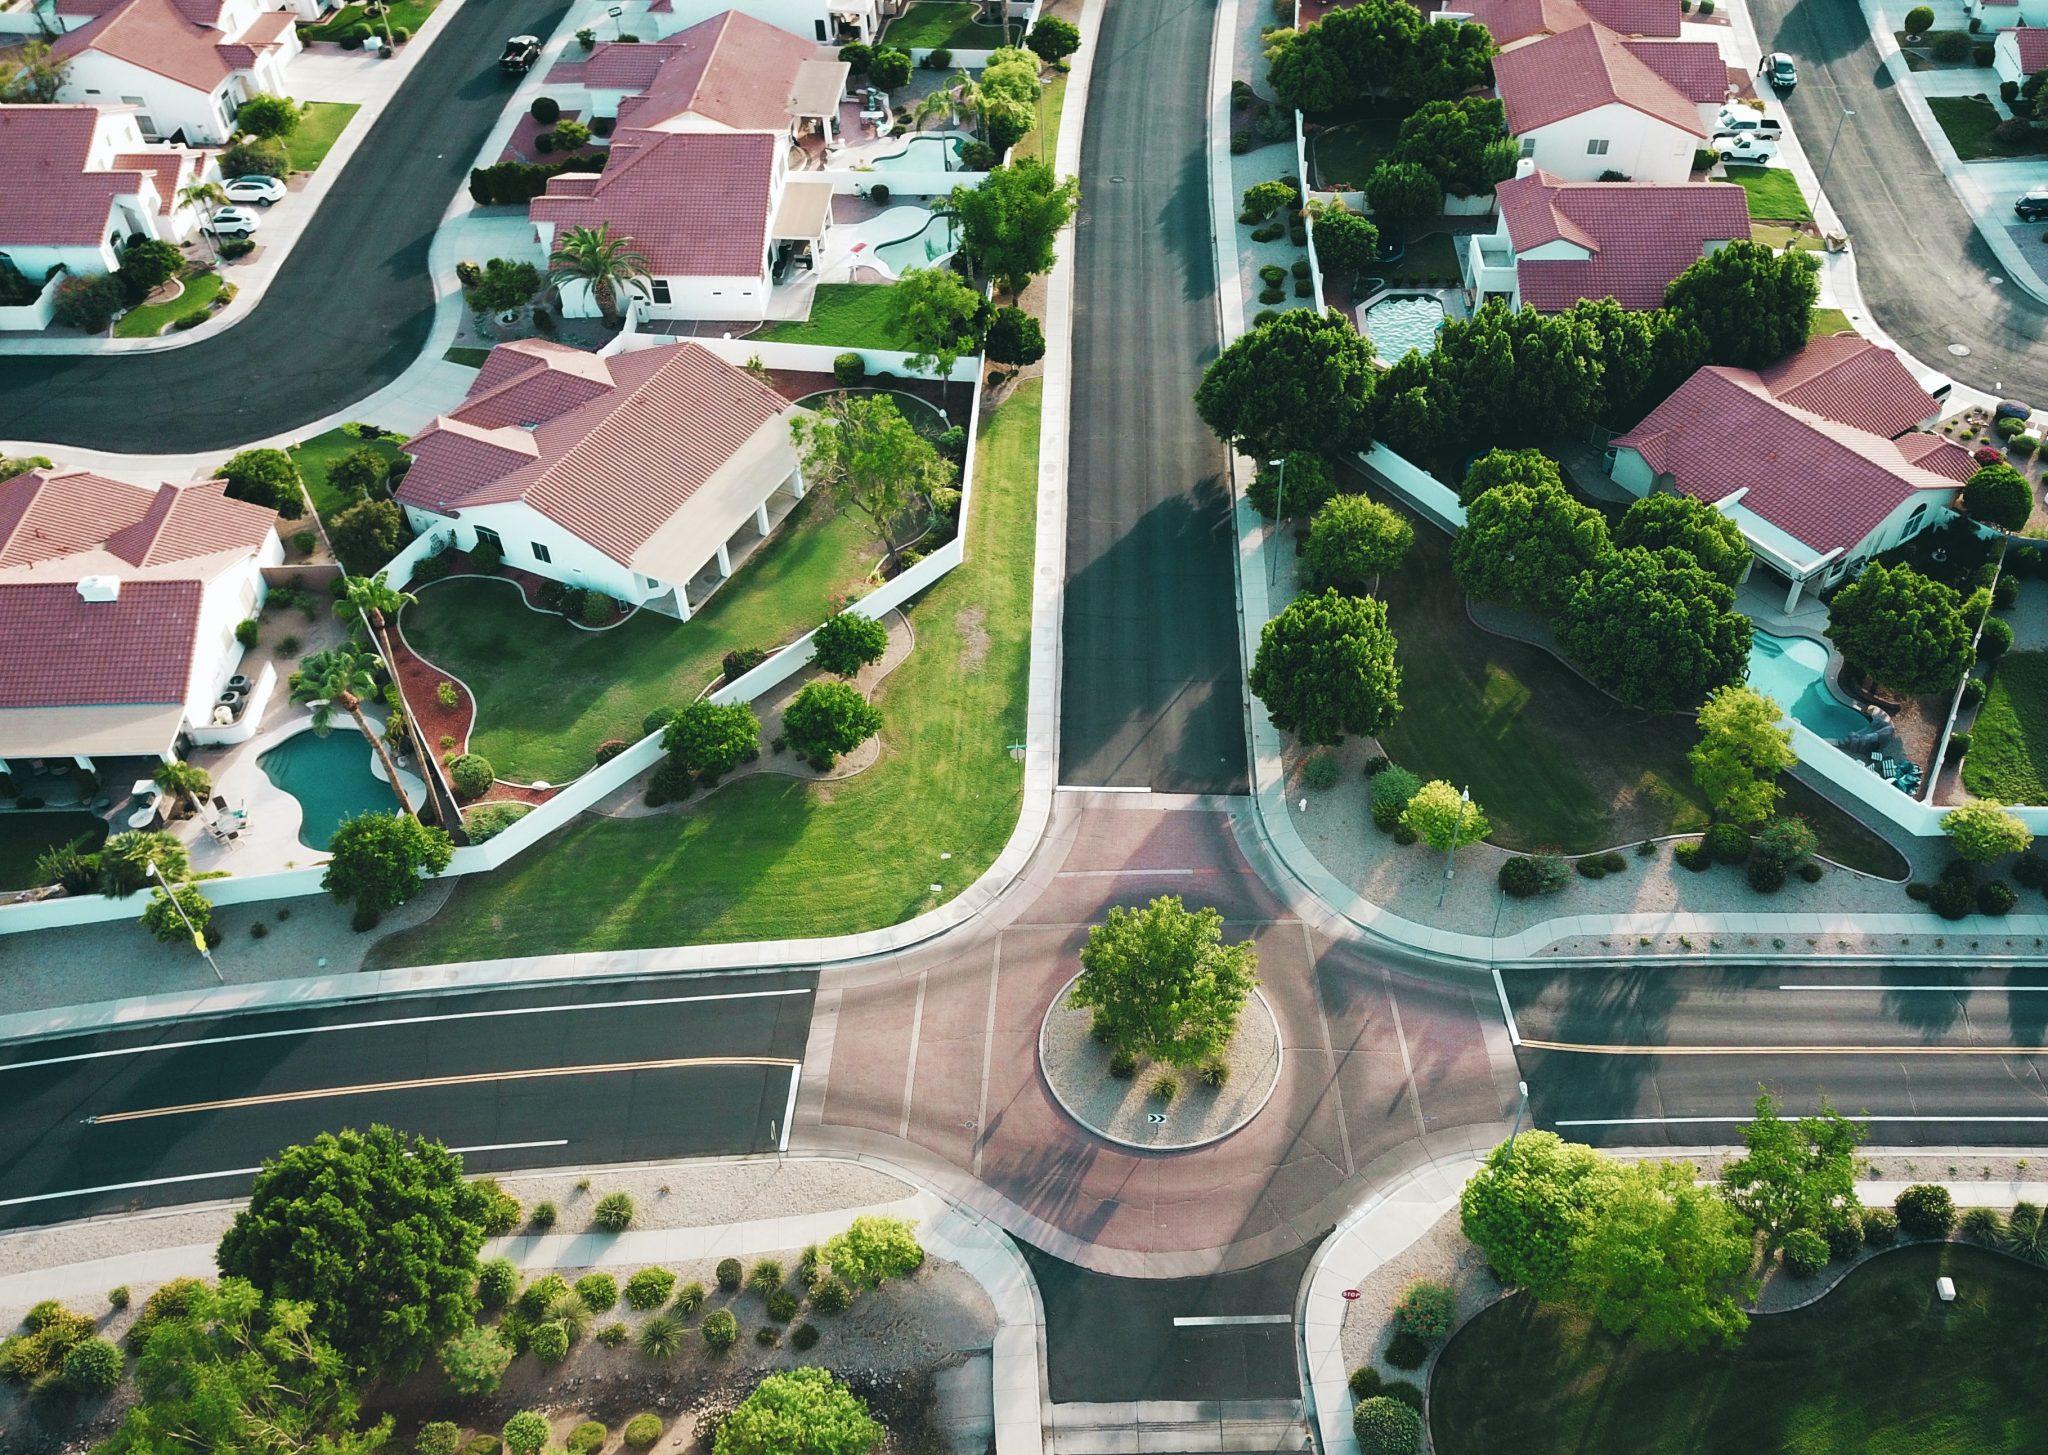 vente d'un bien immobilier : vendre sans agence